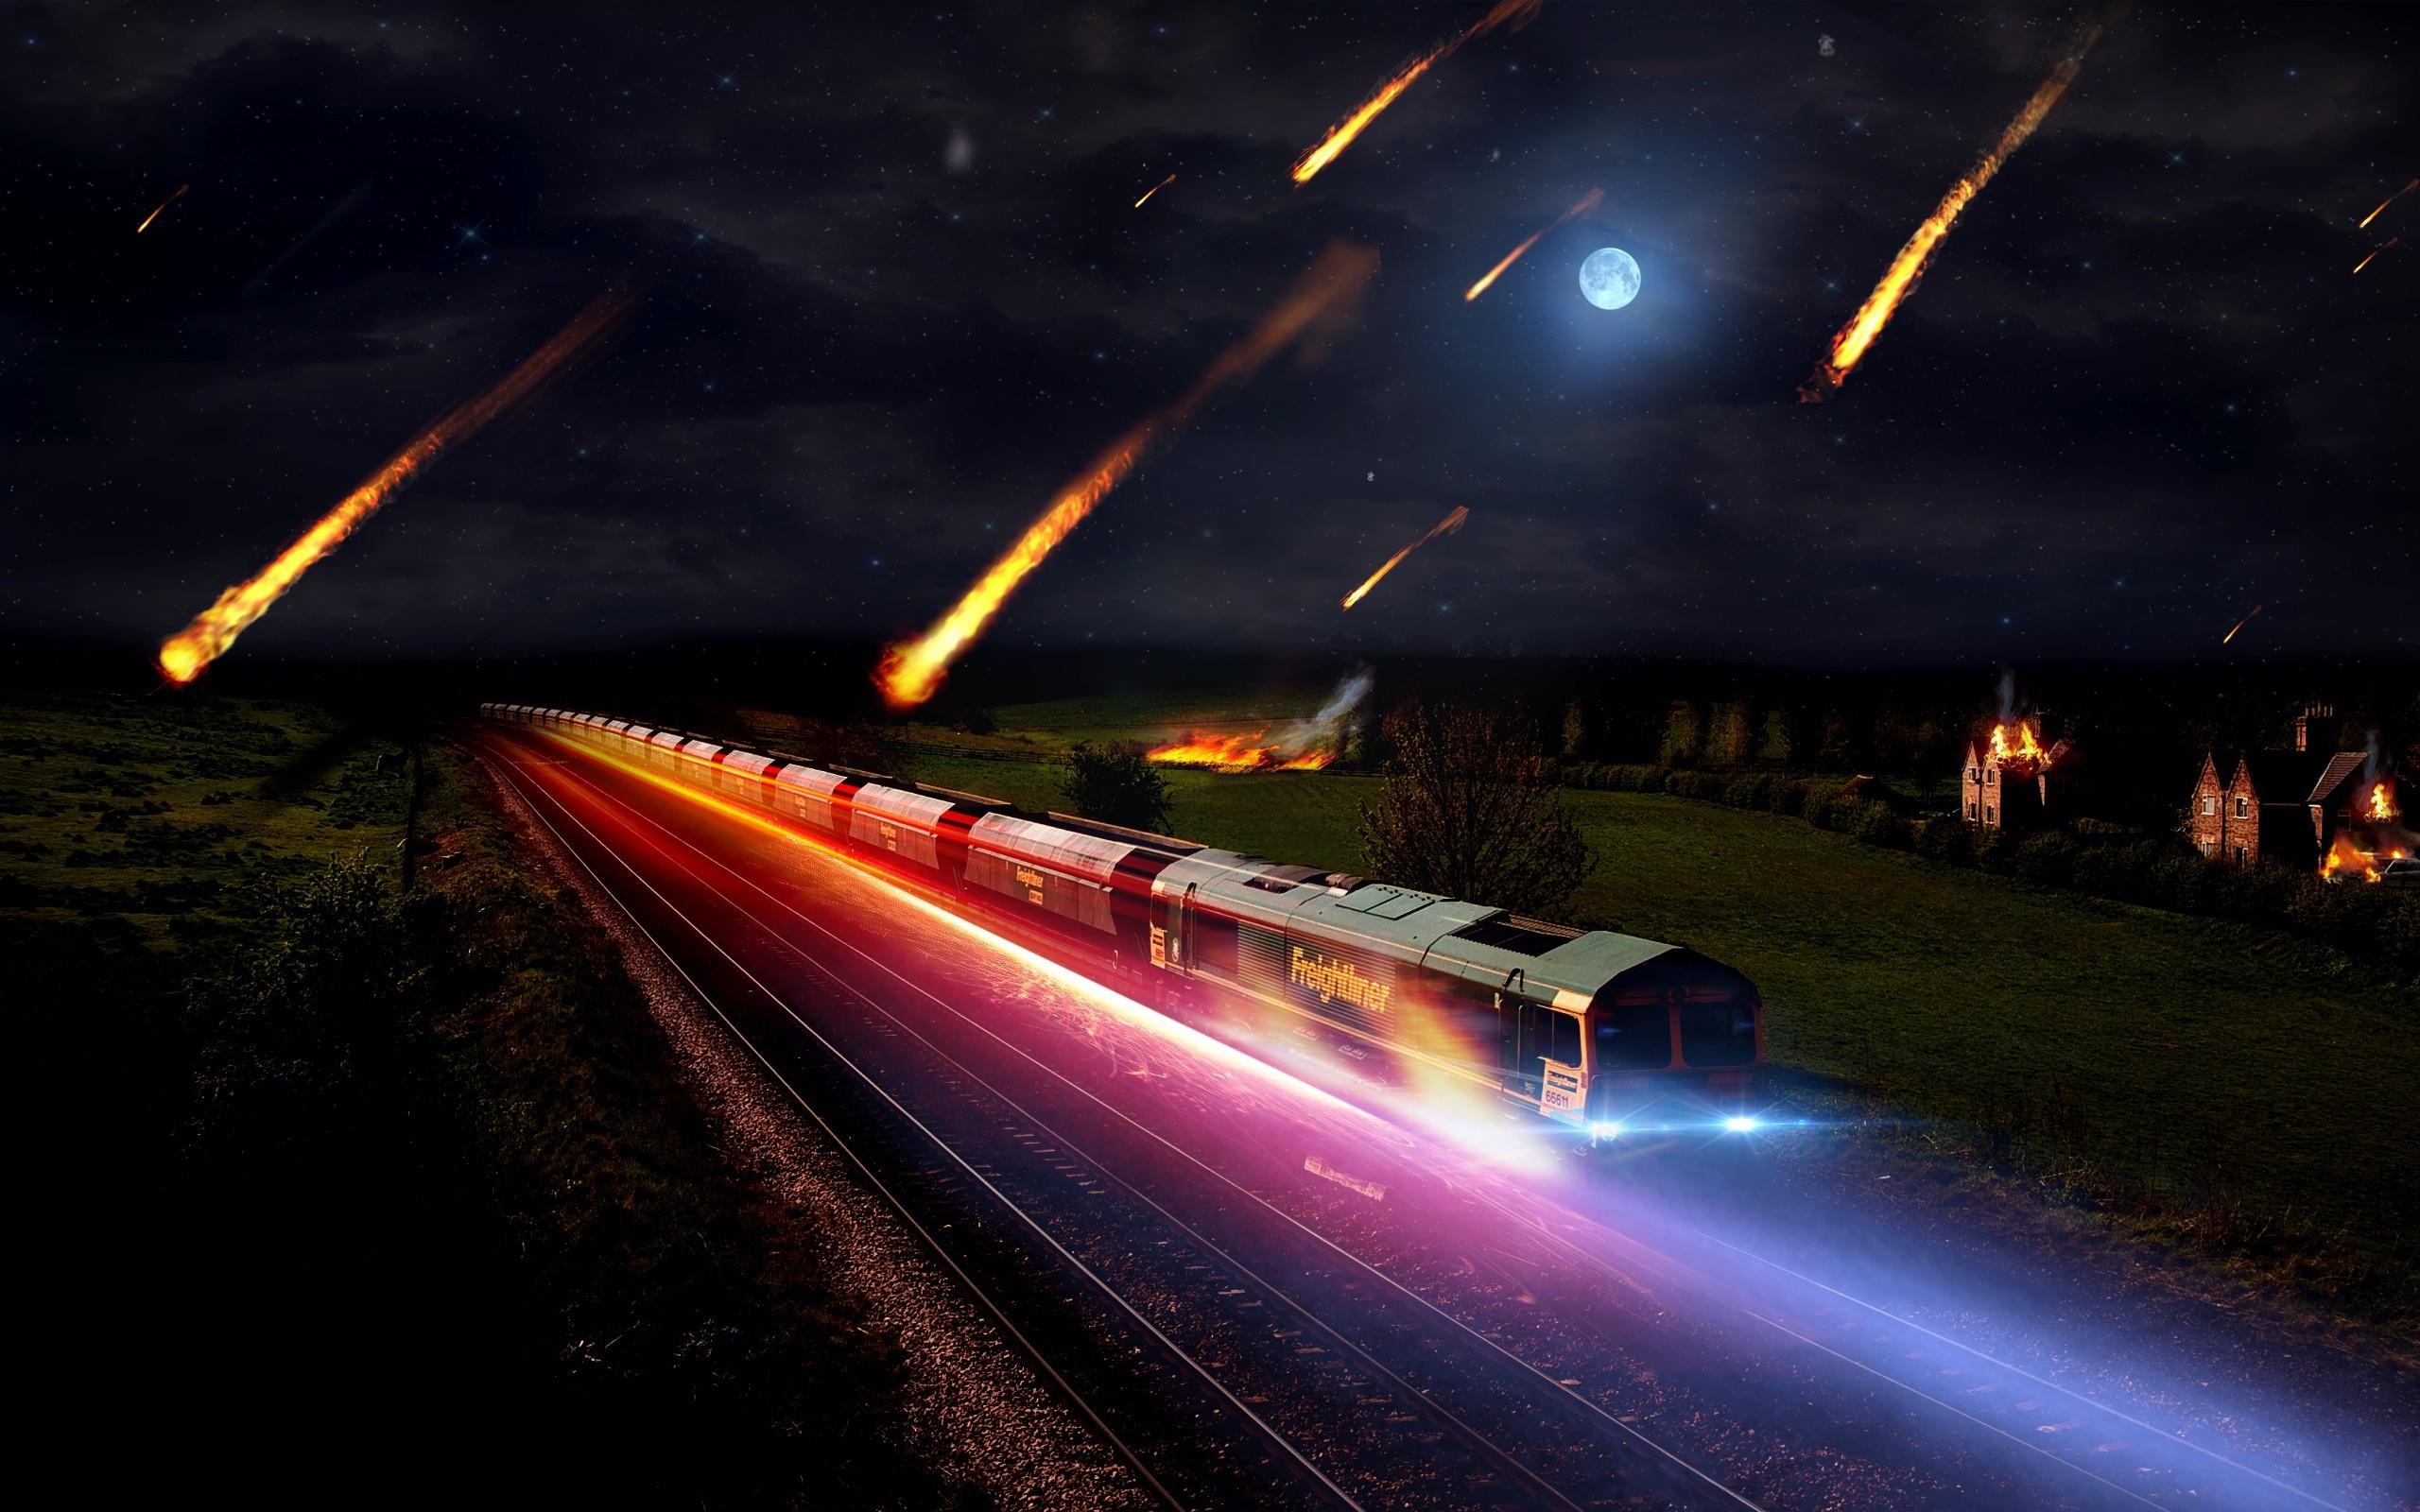 Картинка: Поезд, свечение, свет, огни, ночь, луна, метеориты, дома, железная дорога